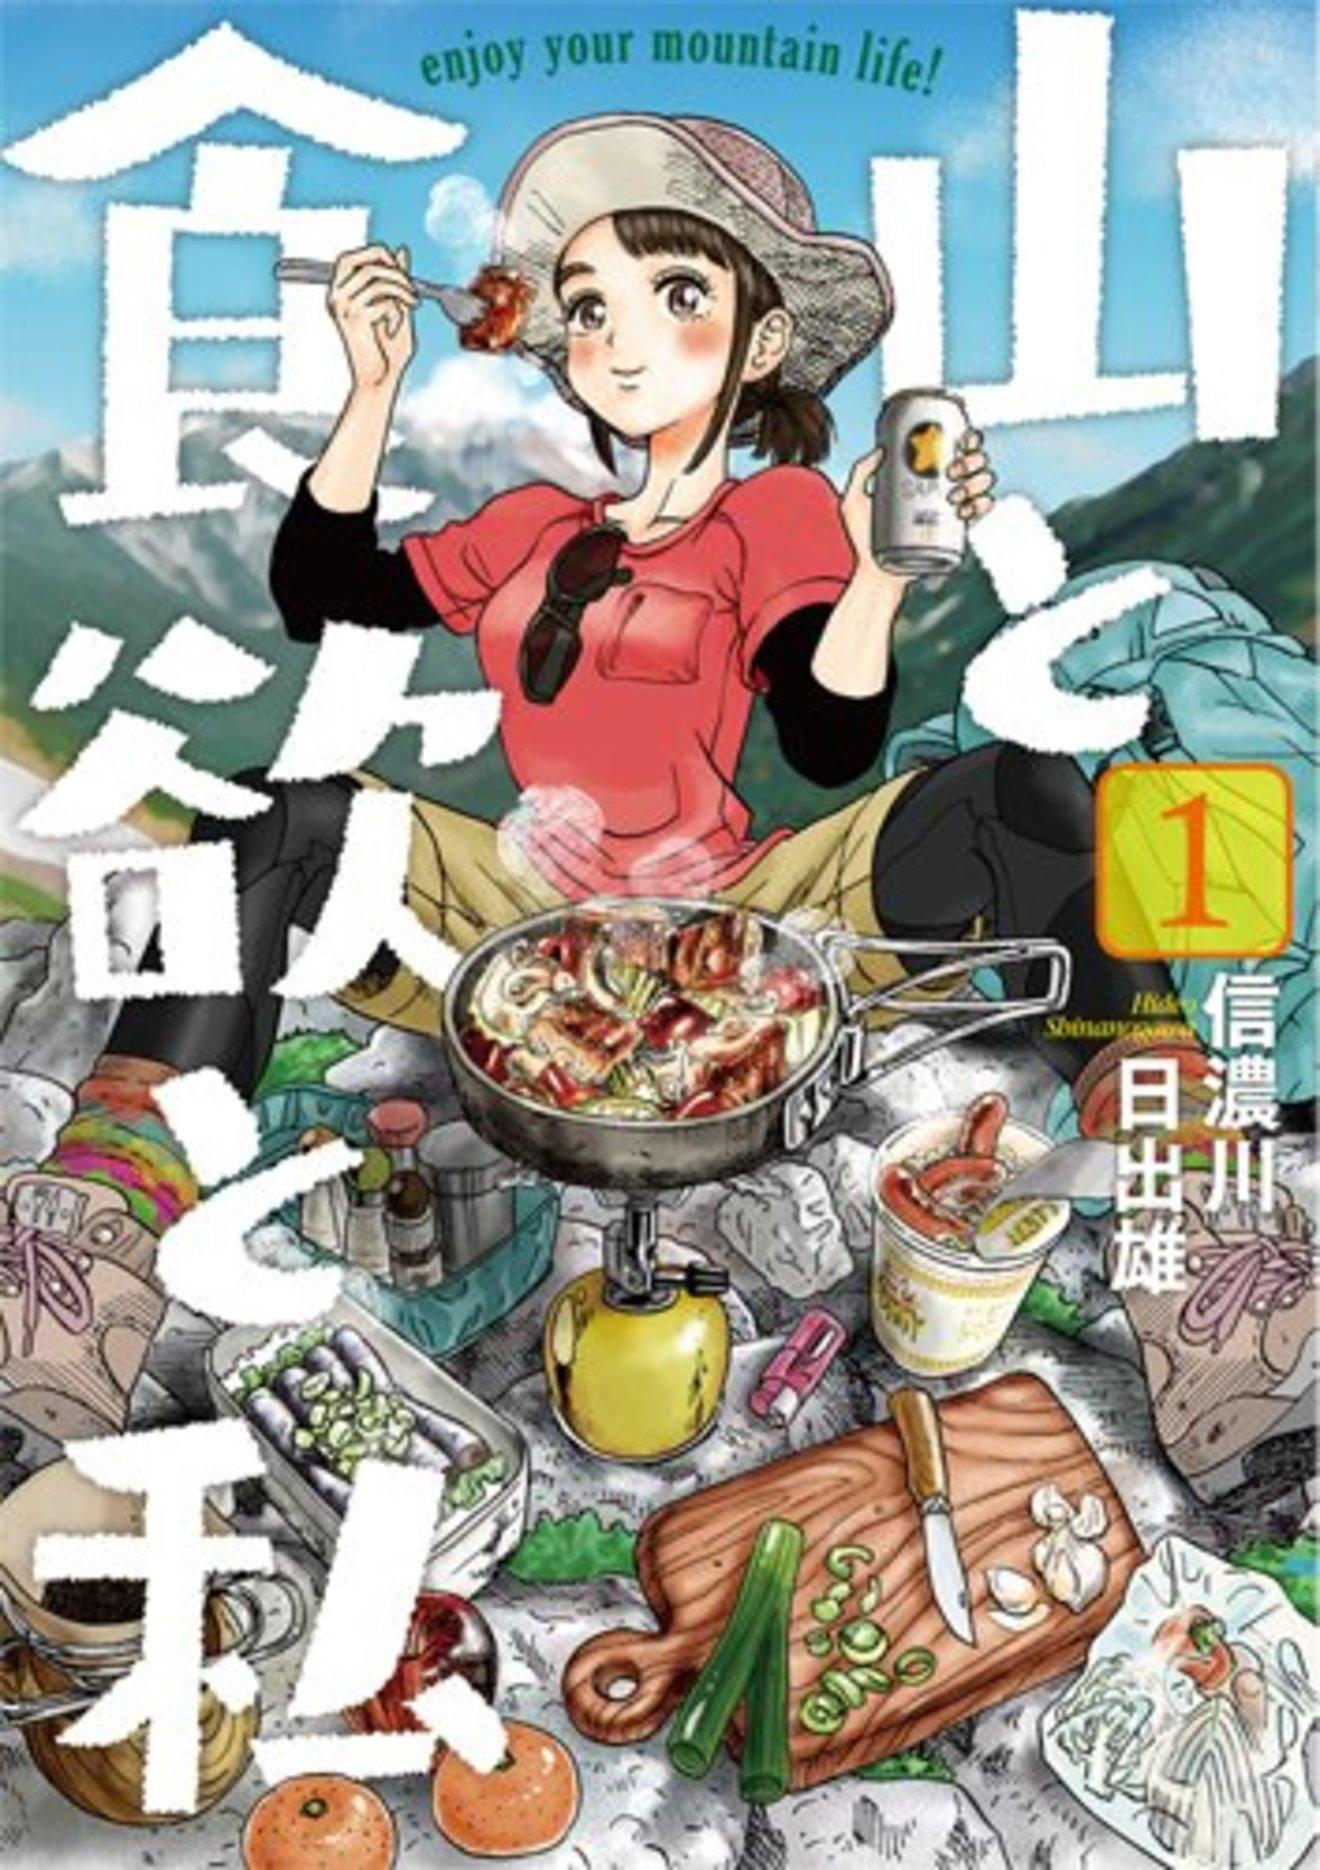 【無料】『山と食欲と私』山での料理を雰囲気まで味わえる漫画!全巻ネタバレ